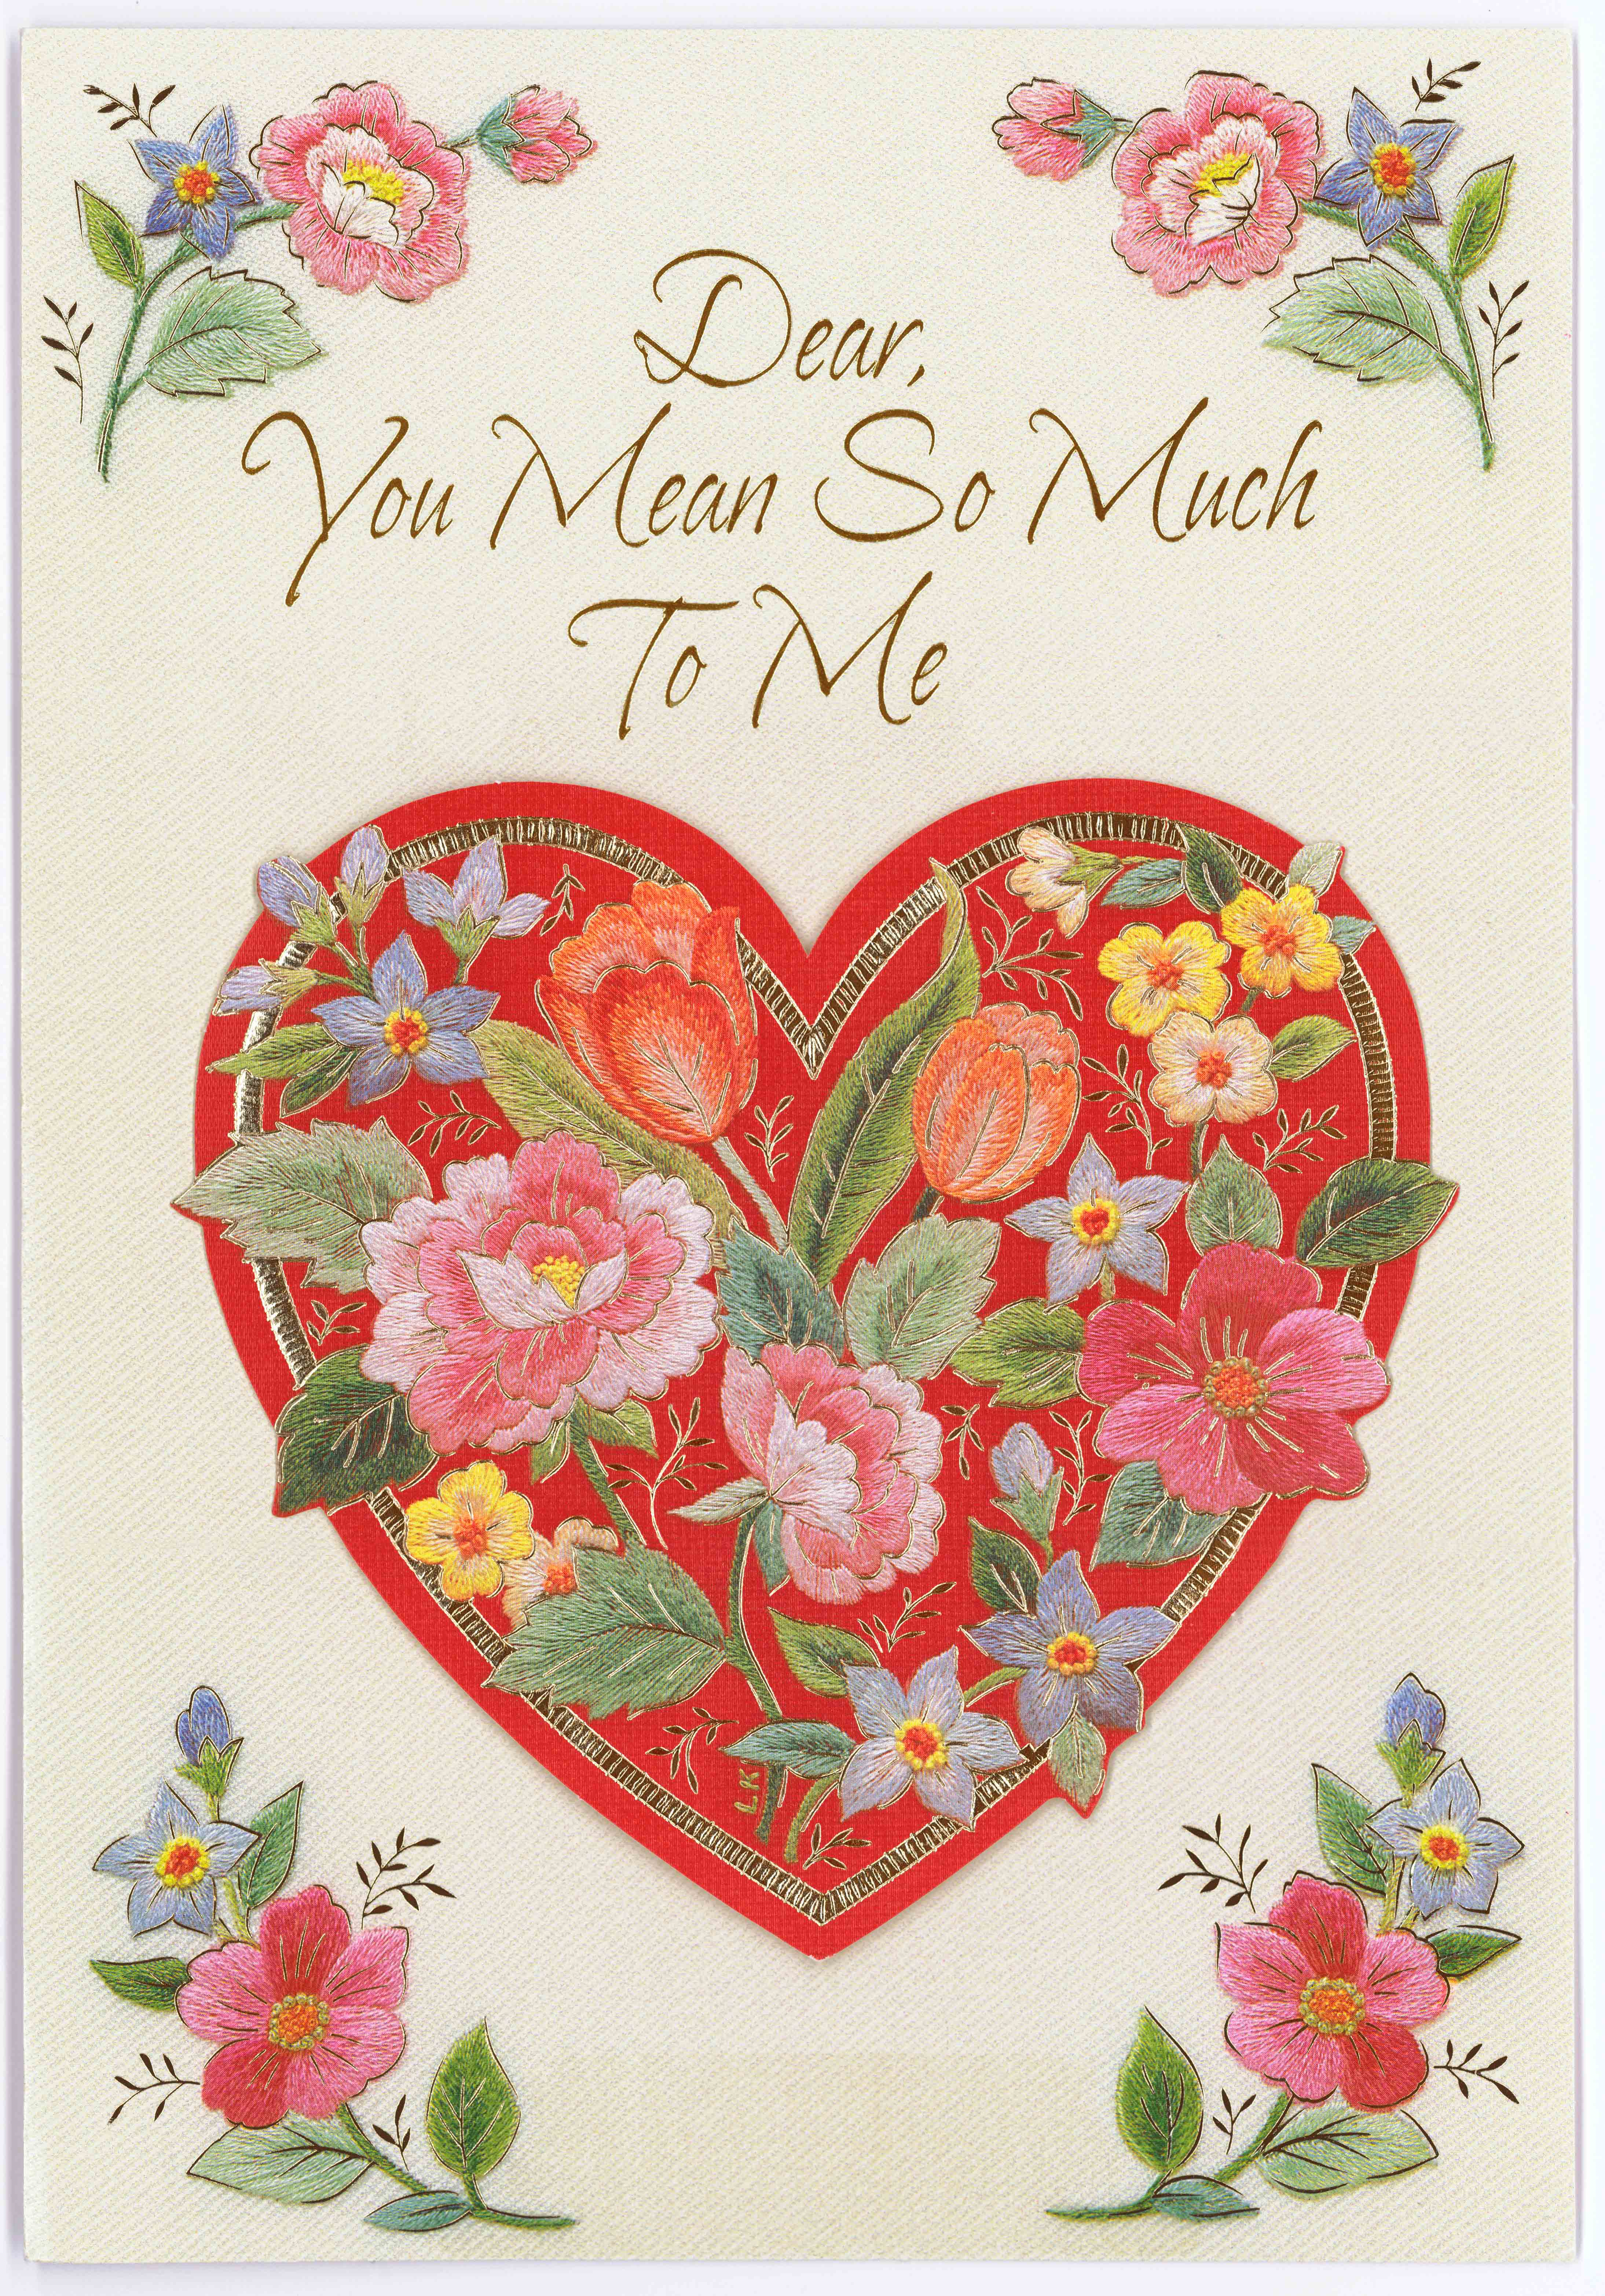 1982 Valentine's Day Card